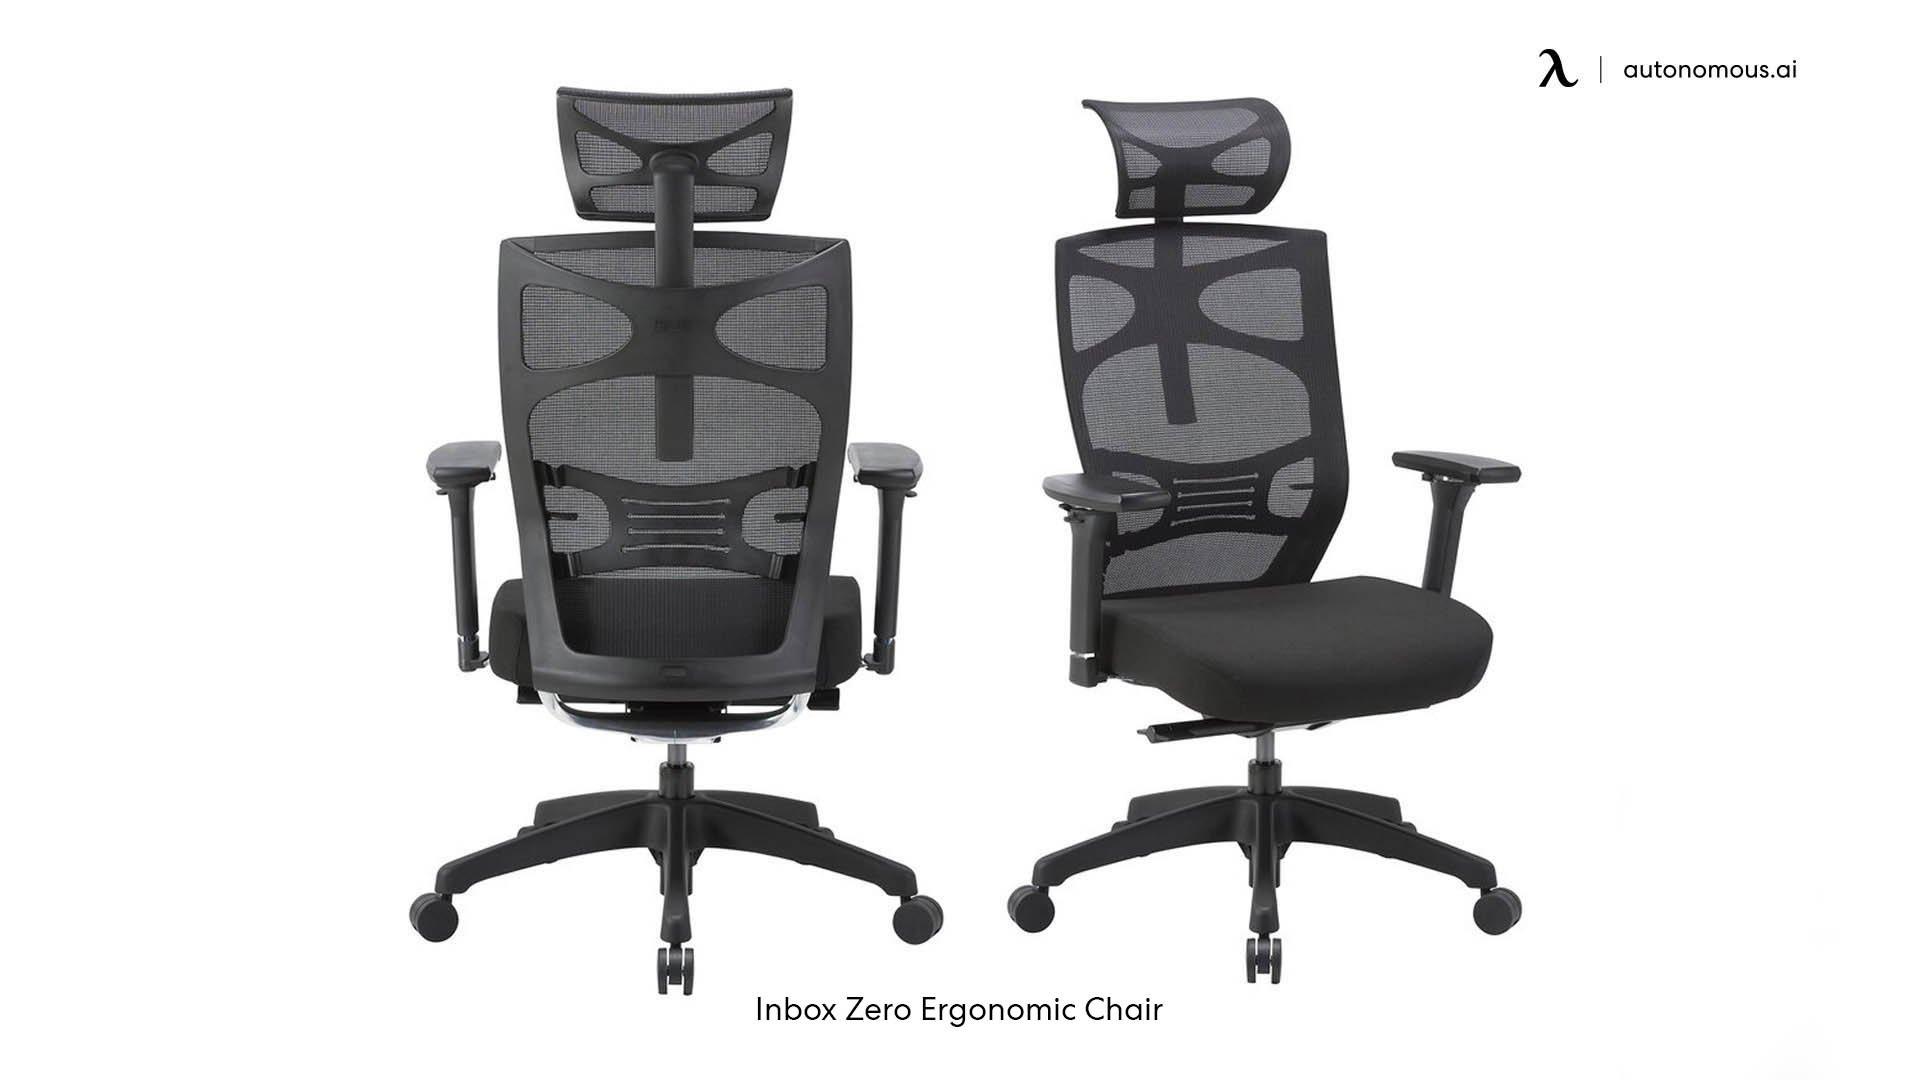 Inbox Zero Ergonomic Chair